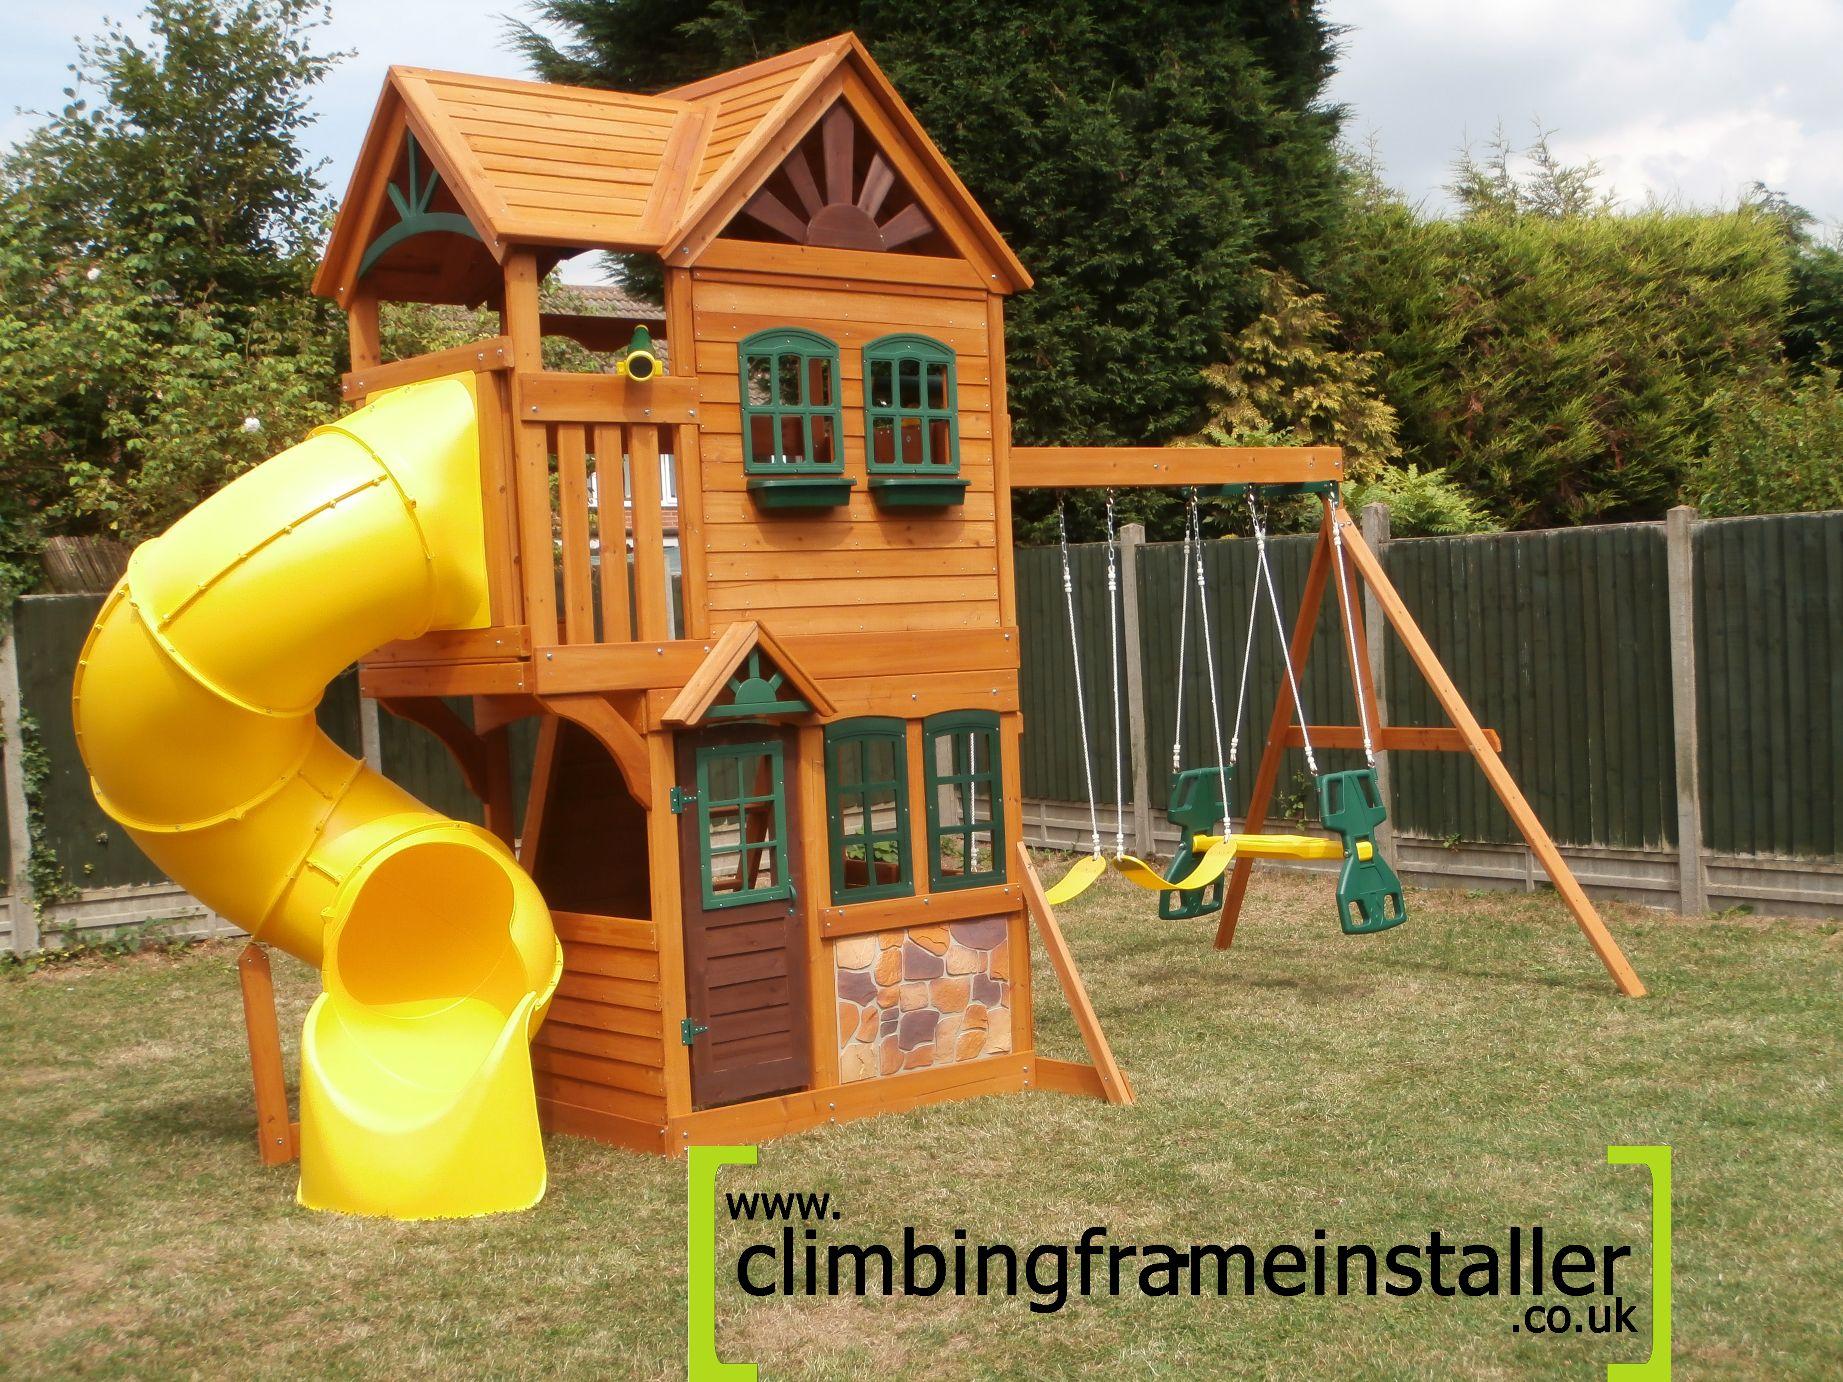 goldenridge playset archives climbing frame installer. Black Bedroom Furniture Sets. Home Design Ideas